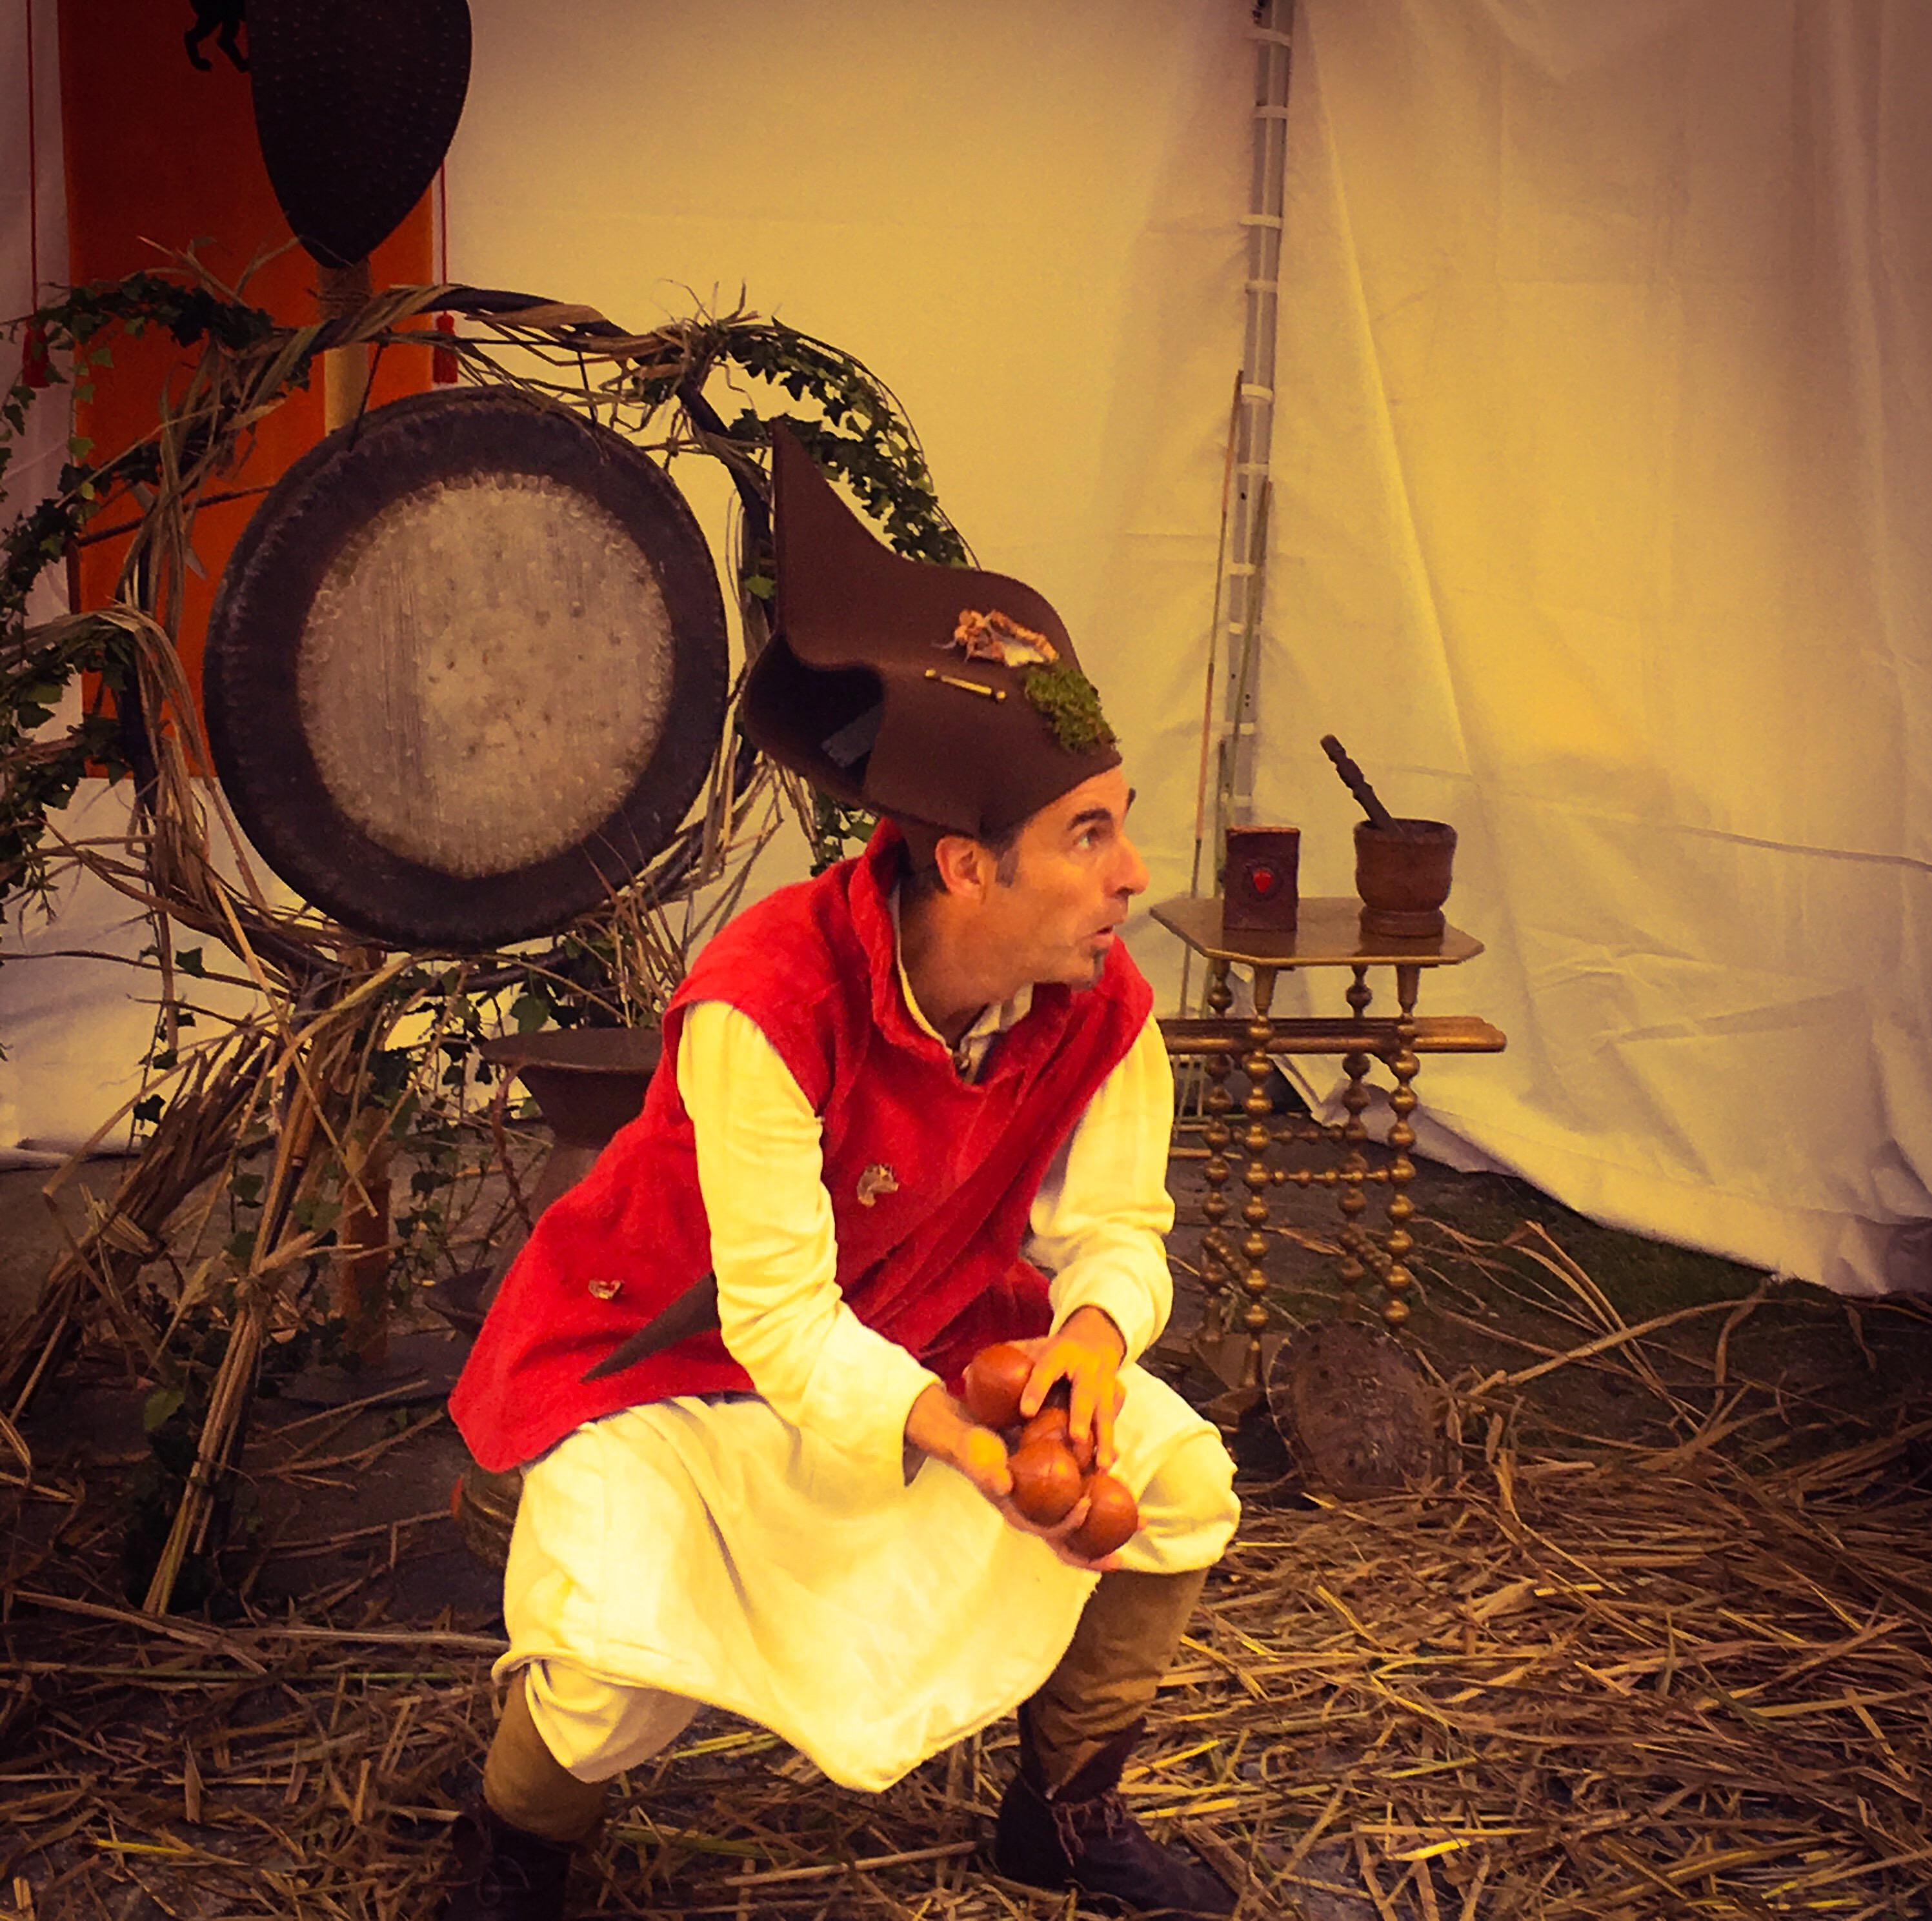 Jongleur médiéval. Ce spectacle, issu de la rencontre entre un jongleur et un percussionniste, crée une animation médiévale féérique fantastique qui réjouira aussi bien une fête du moyen-âge, un festival d'art de rue, un événement privé, qu'une cour de château. Procédez à un rapide voyage temporel versciedupetitgrimoire.ch